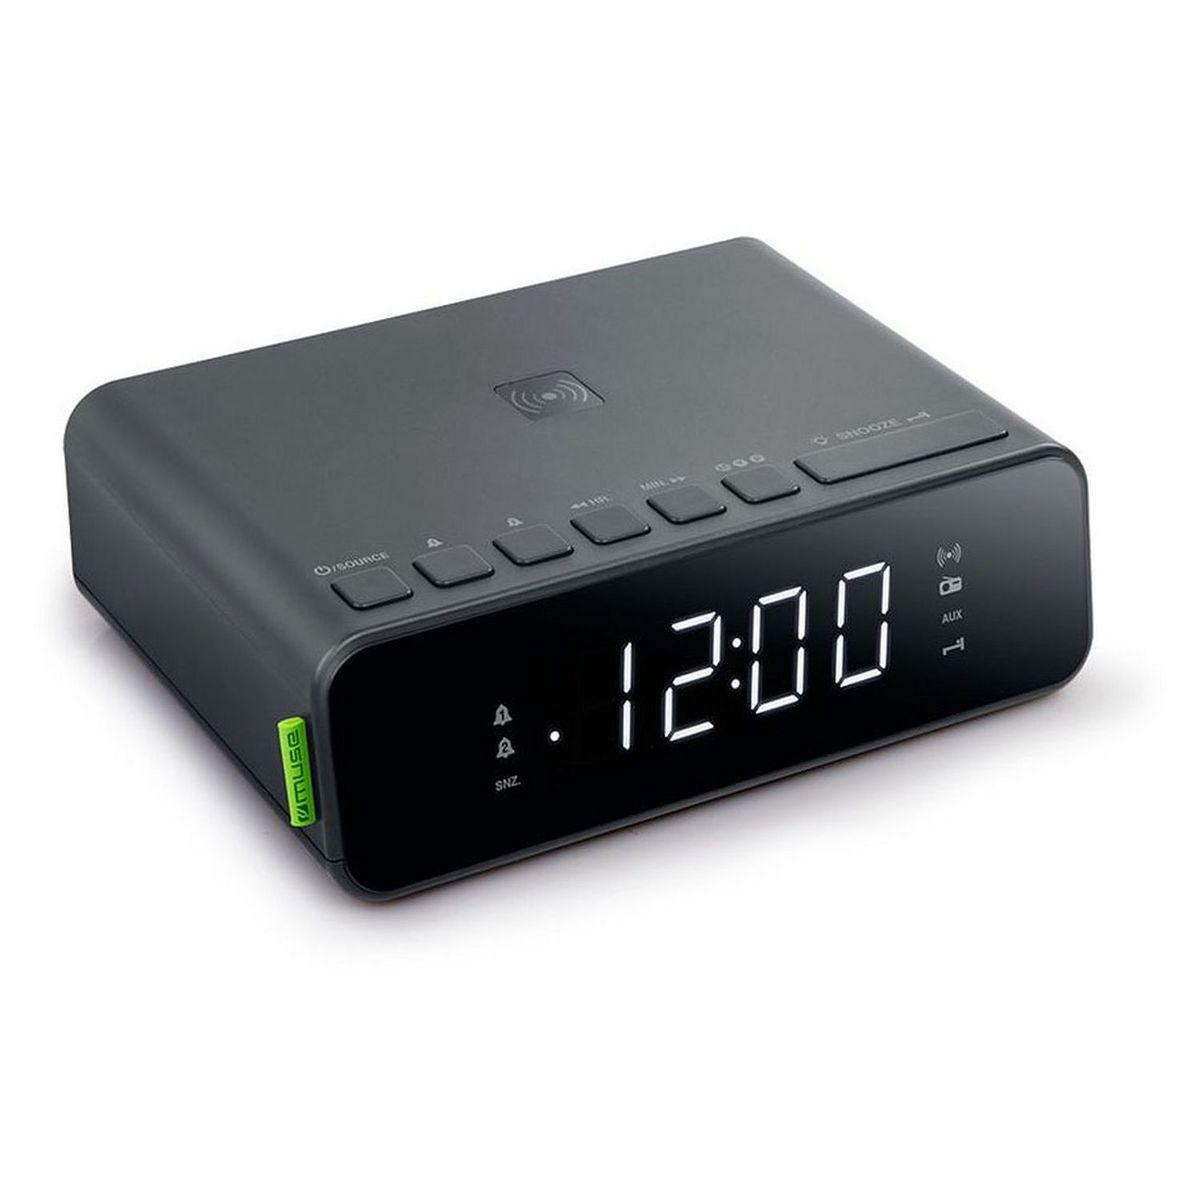 Radio réveil - Noir - M-175 WI